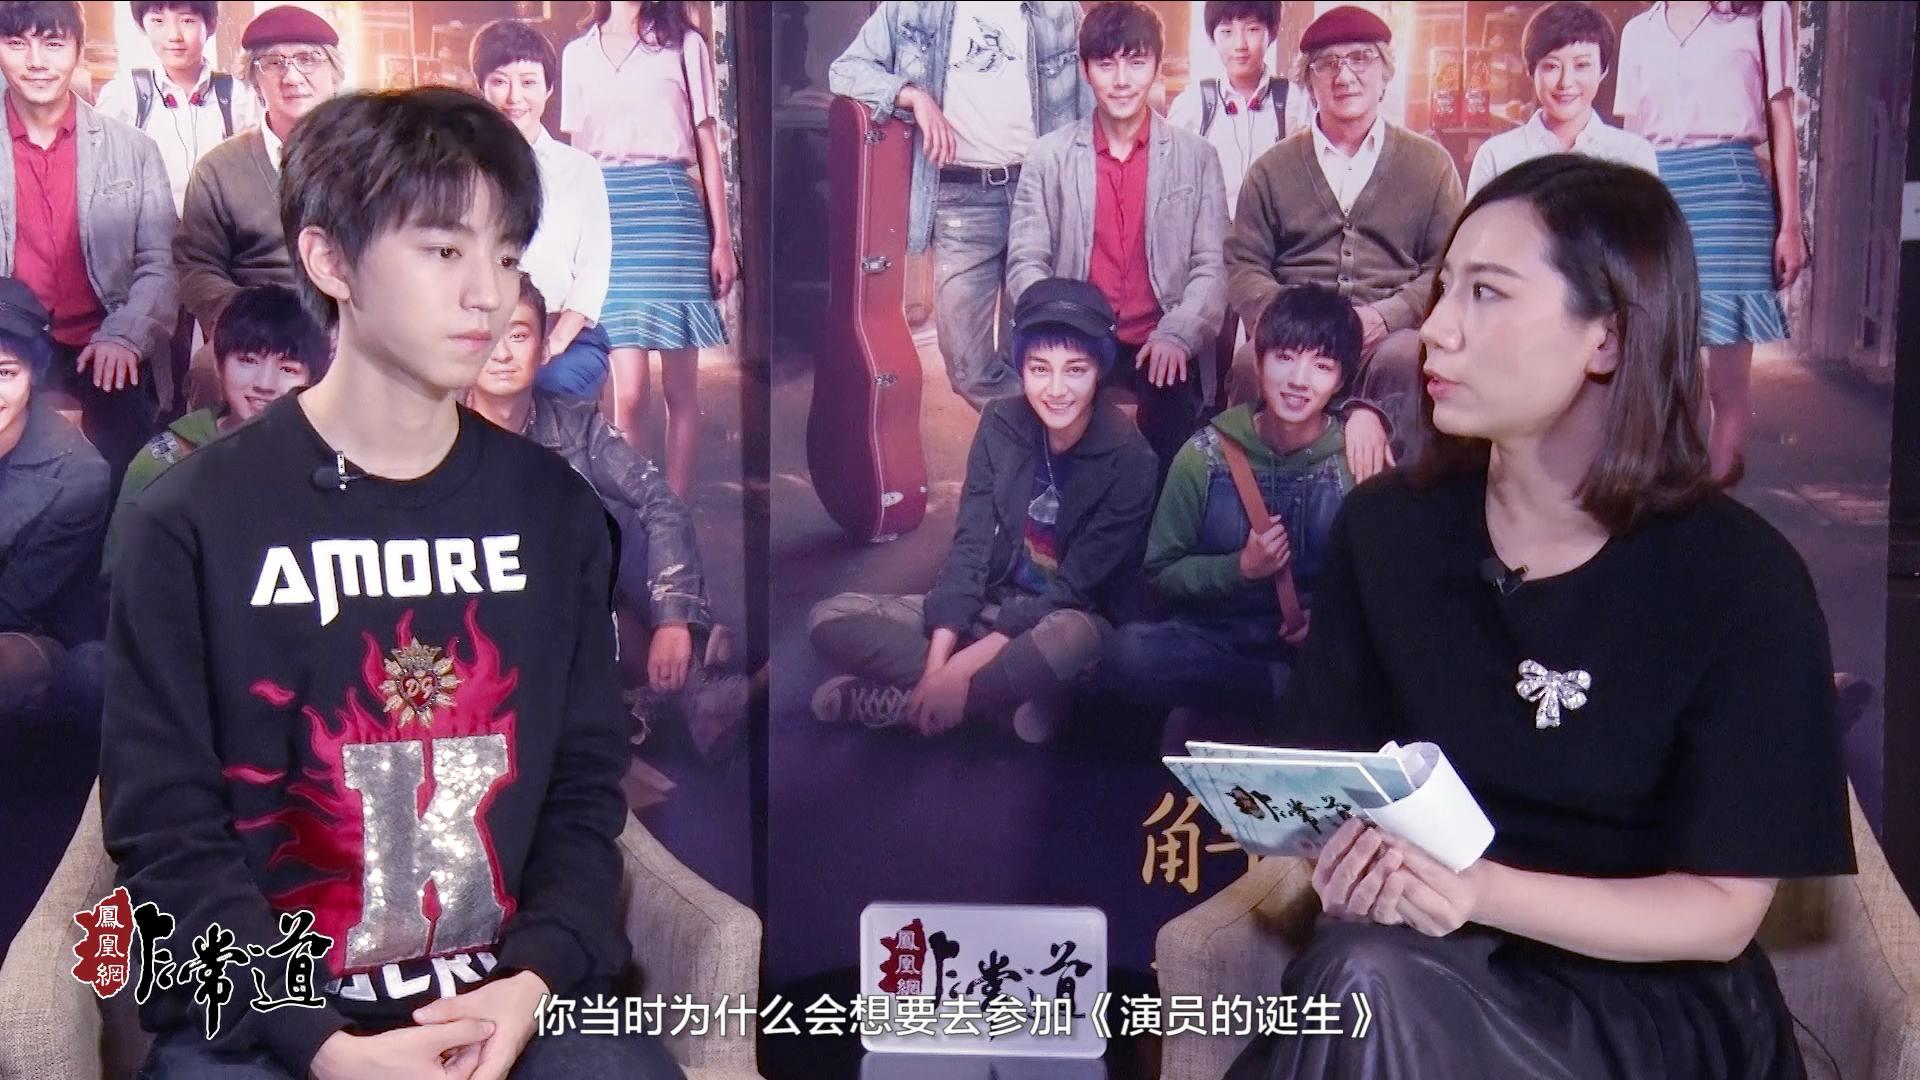 热度与争议并存?王俊凯首谈上《演员的诞生》原因